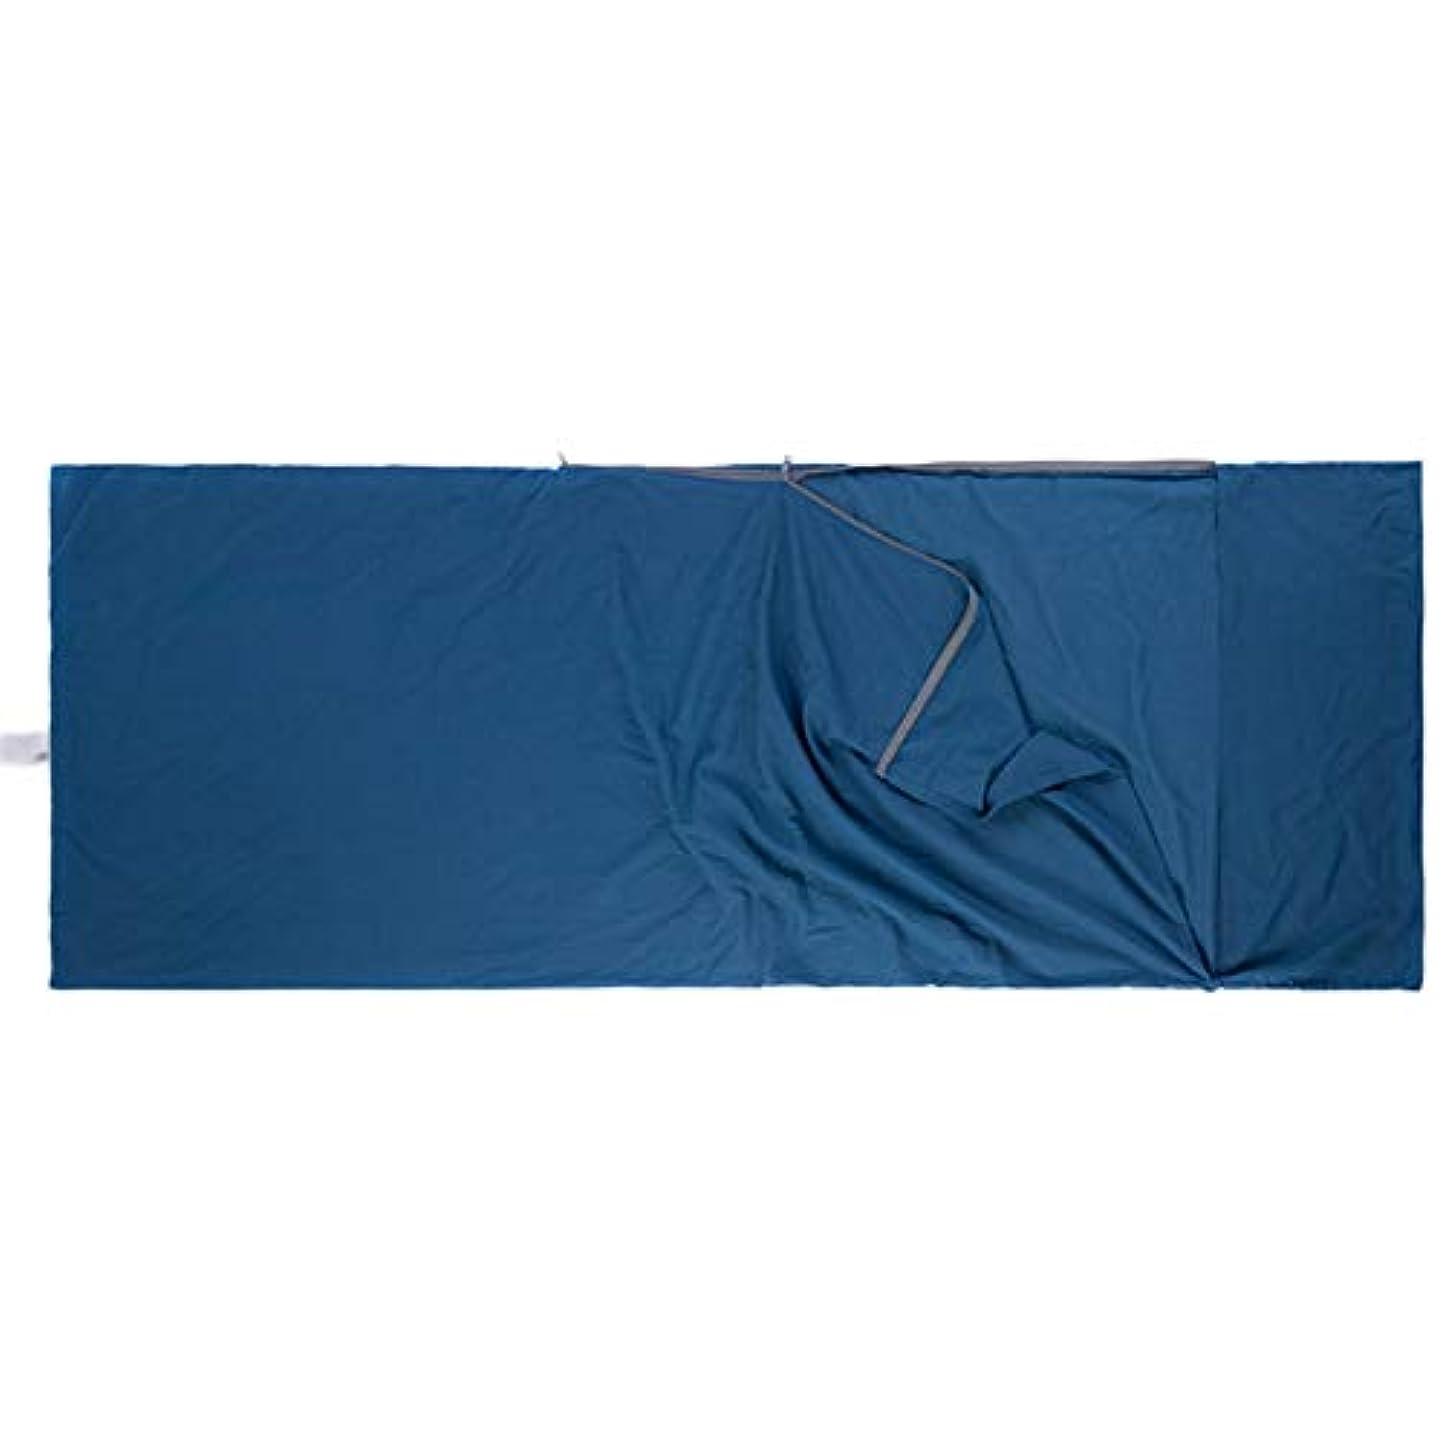 センサー無声で雄大な寝袋アウトドアアウトドアブッシュスリーシーズンキャンプ 屋外シングル寝袋コットンライナーポータブルトラベルダーティーホテルコットン生地ステッチポータブル で利用できる単一の二重色 (色 : 濃紺)